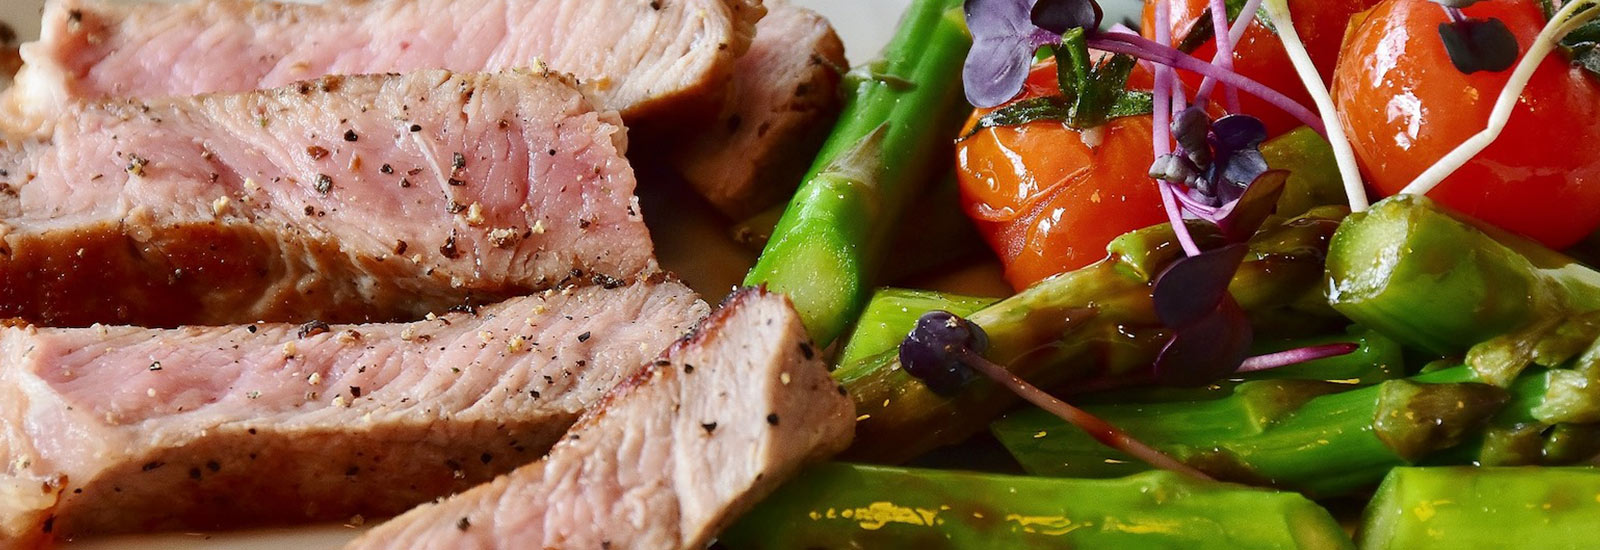 Cómo comer carne sin engordar